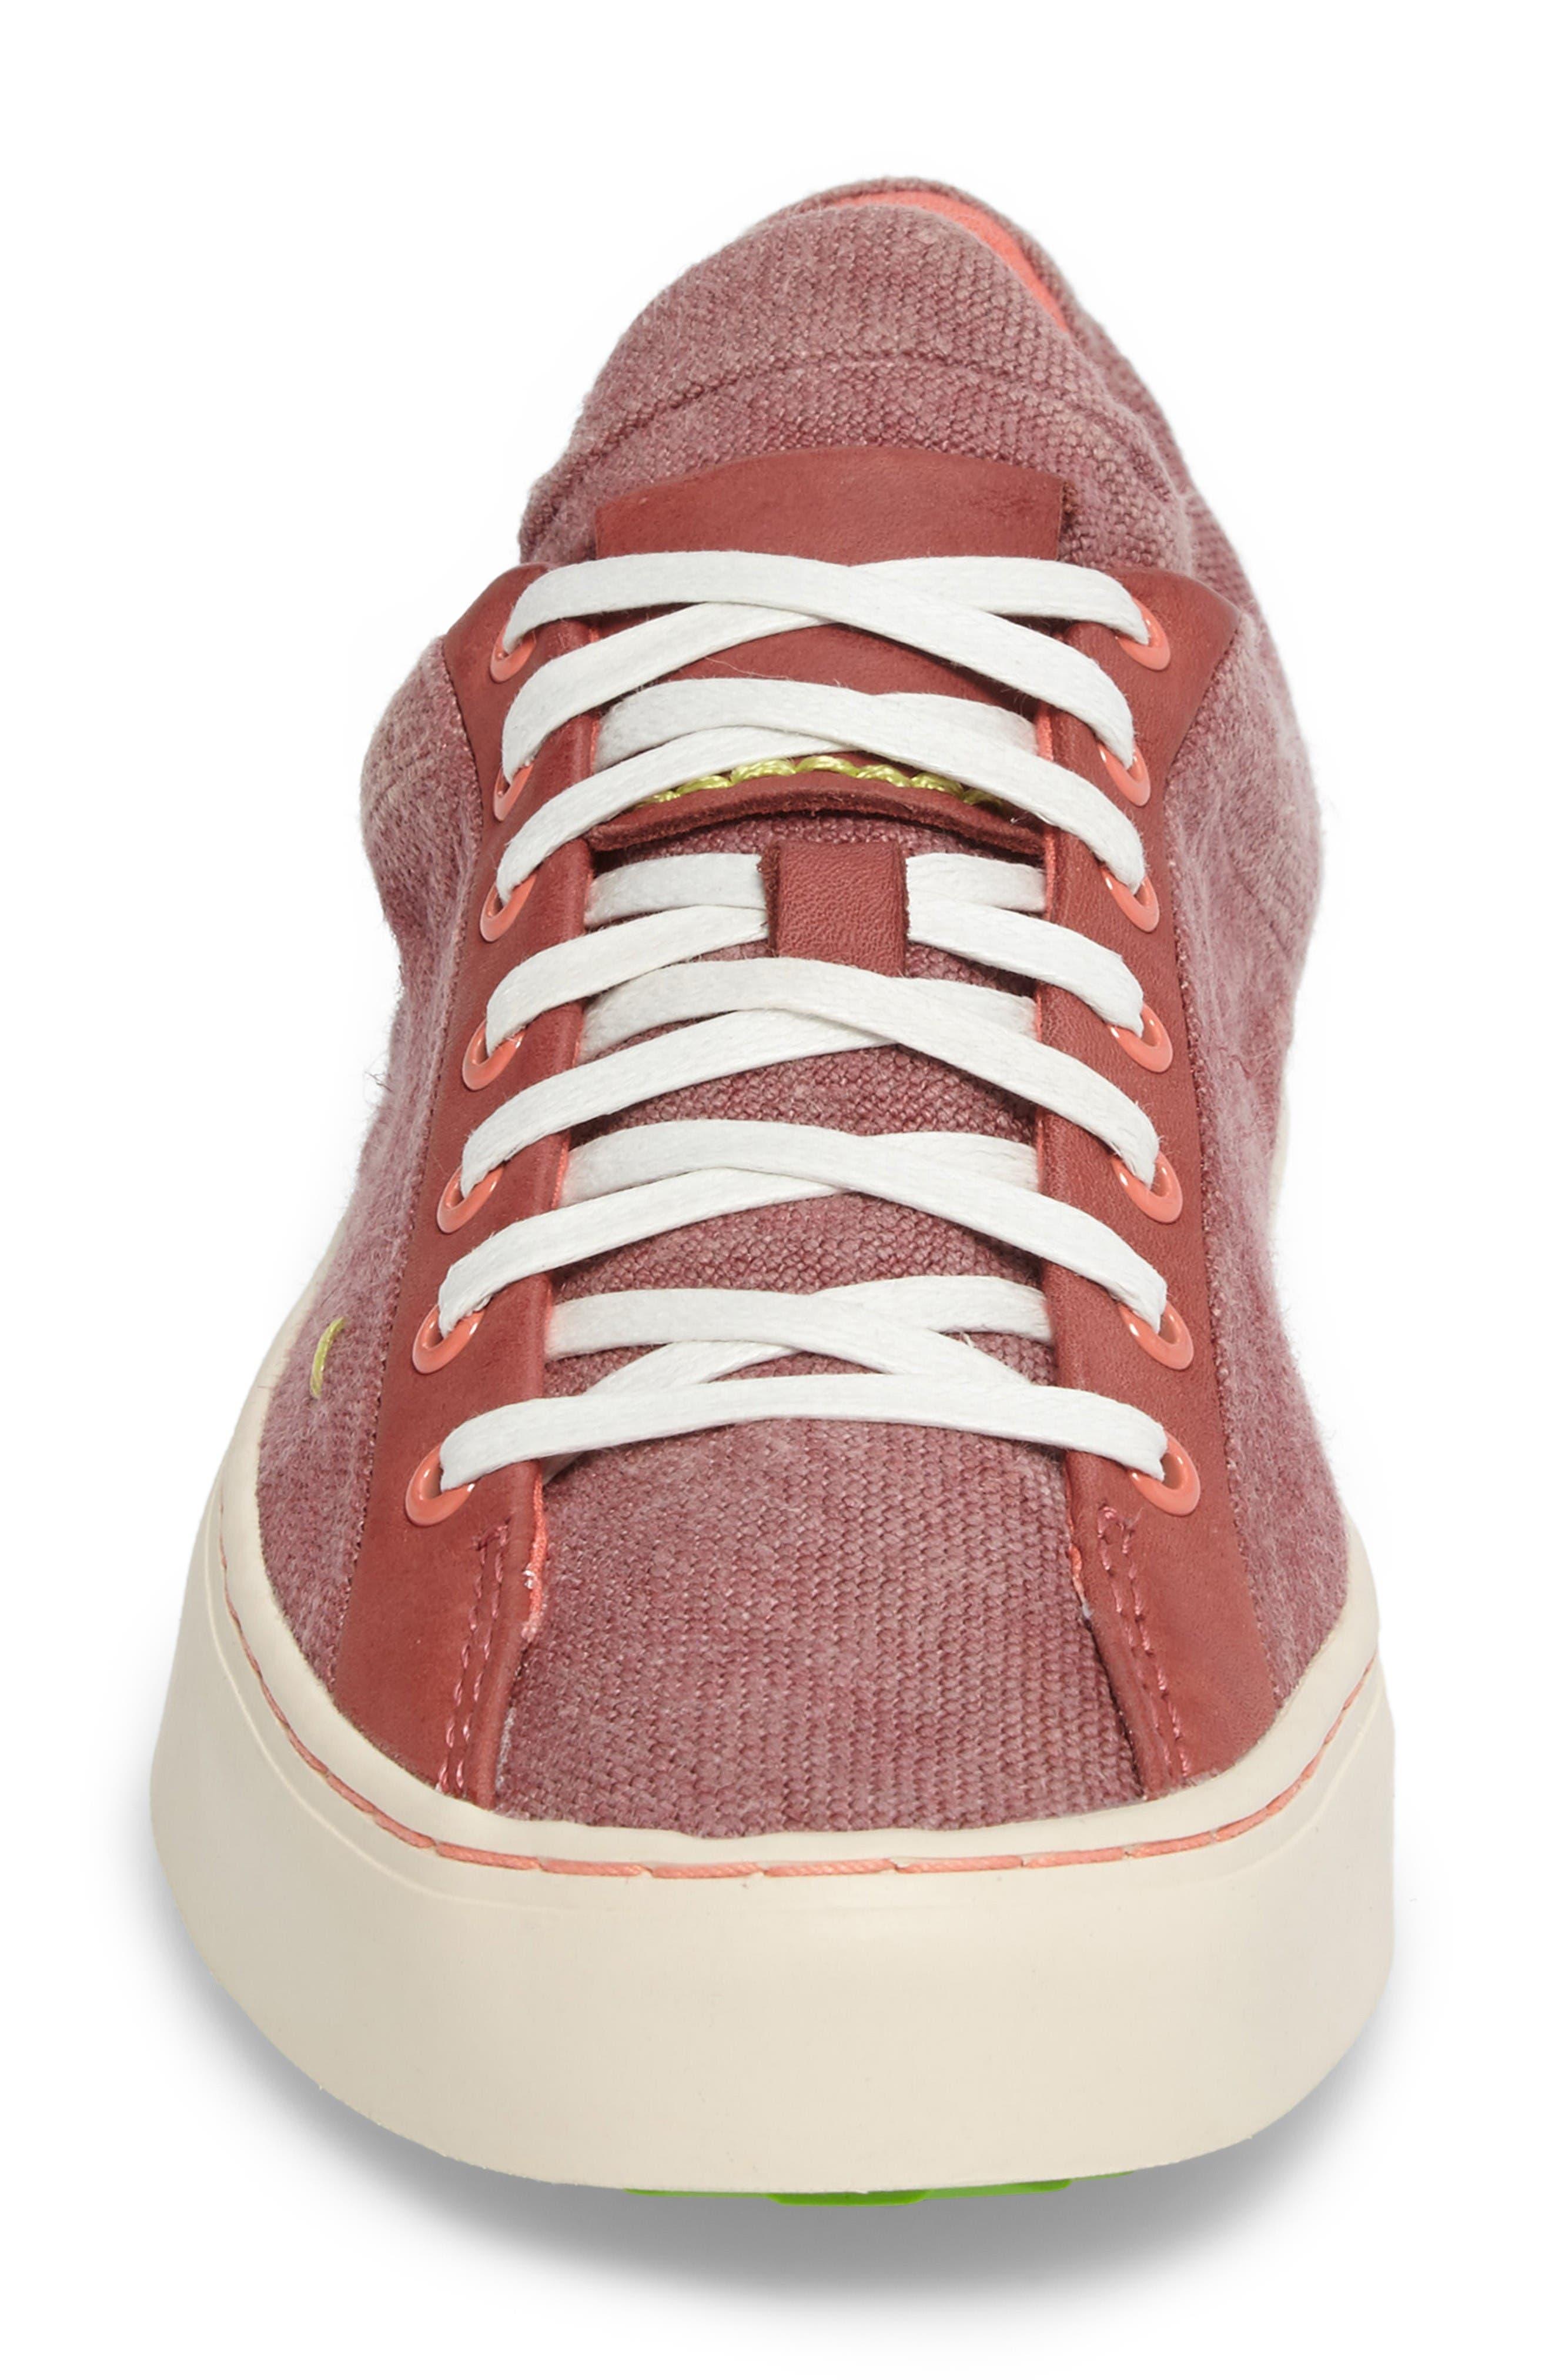 Somerville Sneaker,                             Alternate thumbnail 4, color,                             Sandalwood Fabric